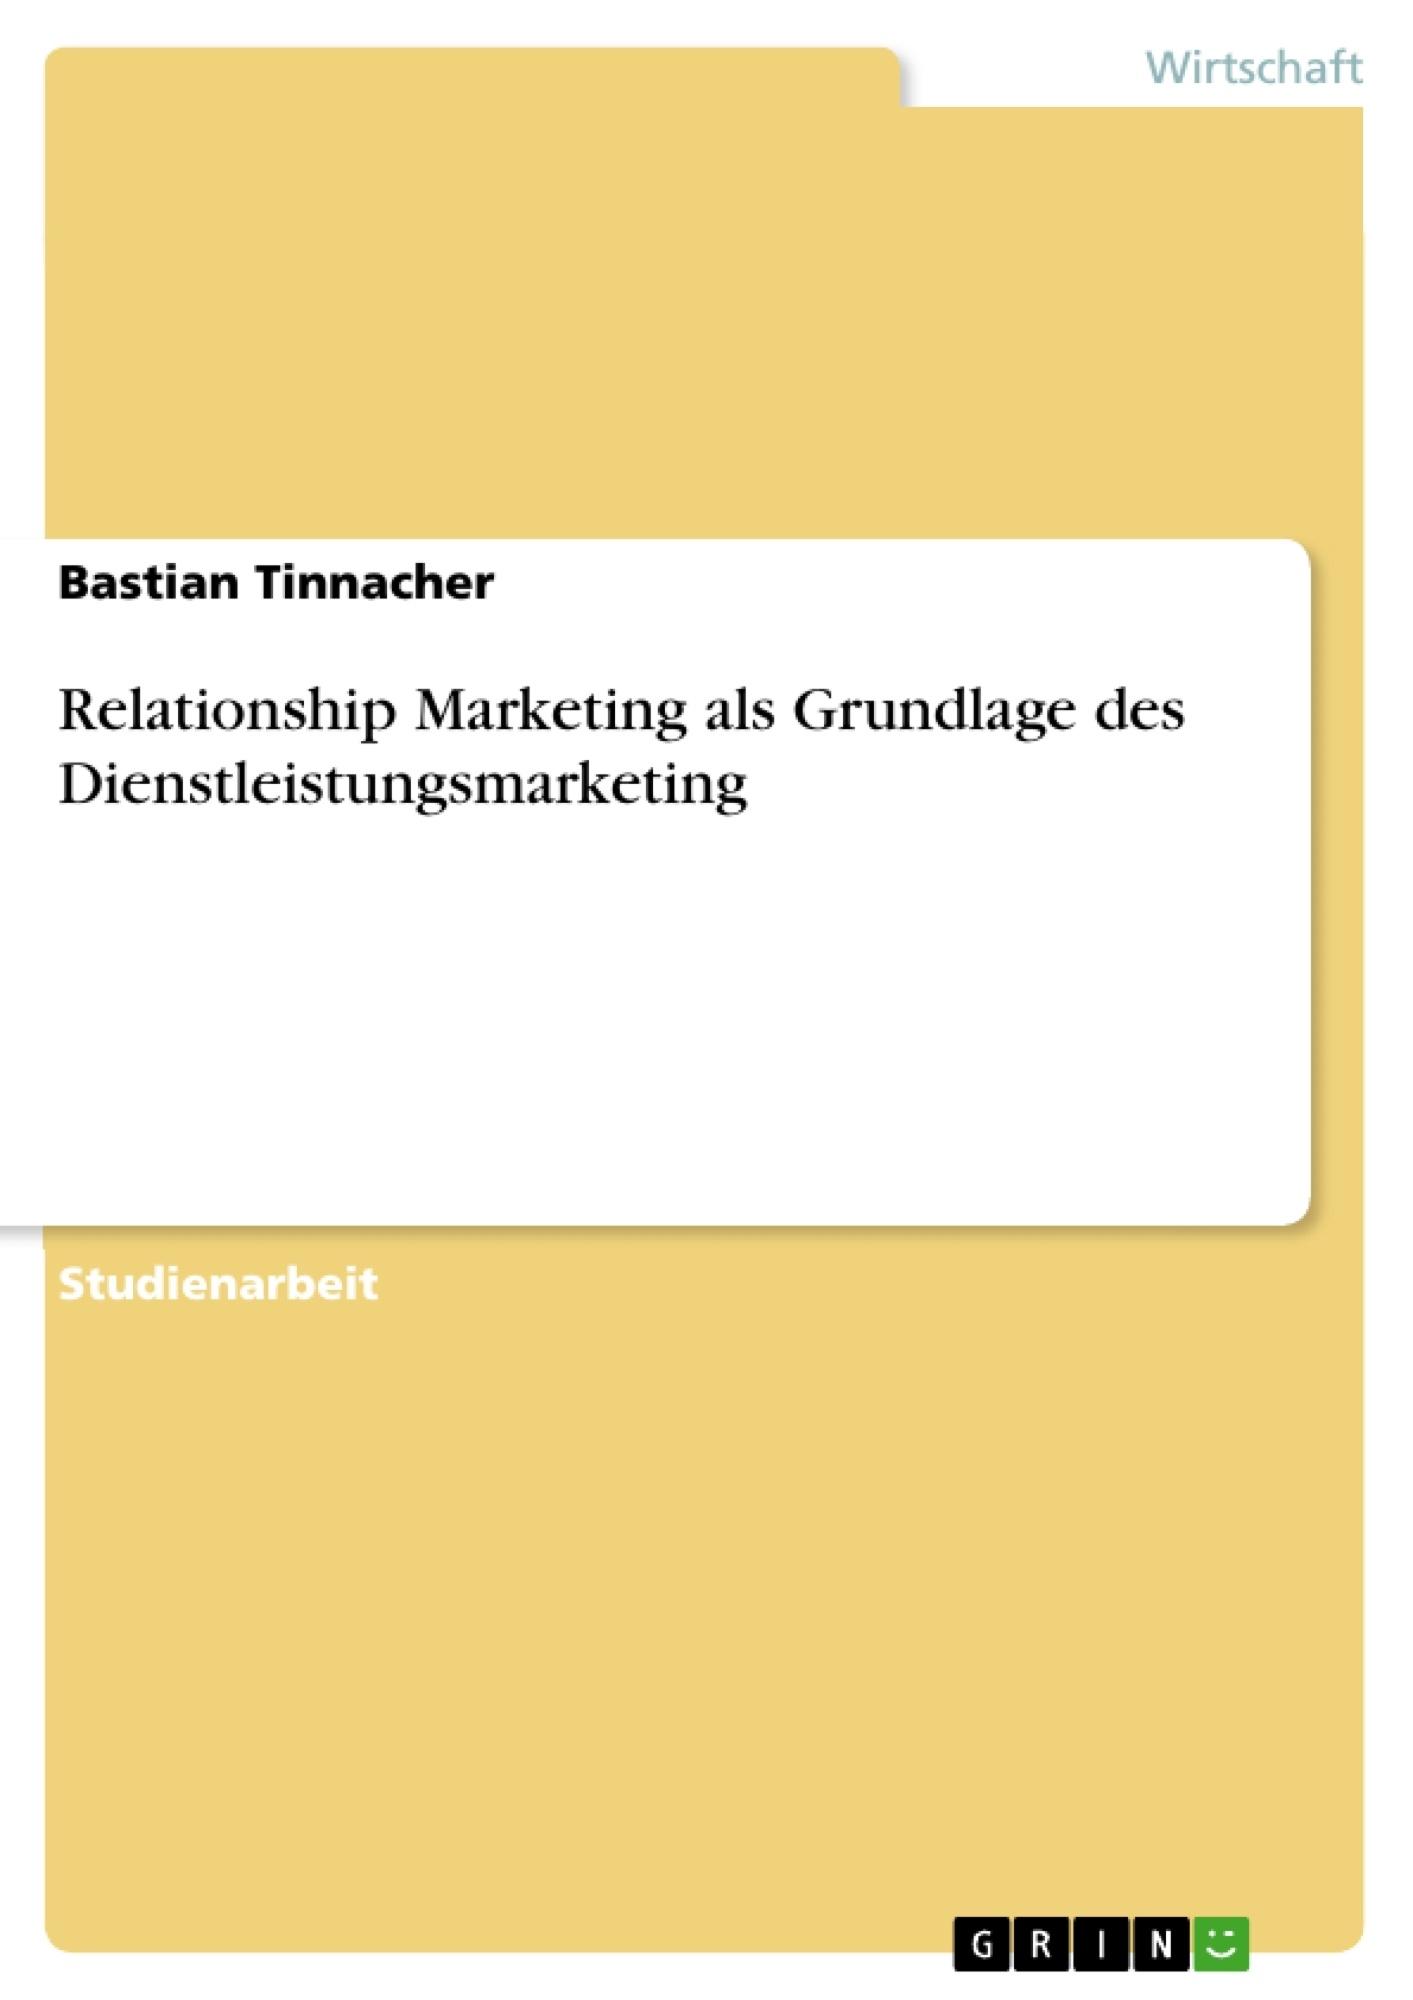 Atemberaubend Ucf Wiederaufnahme Der Dienstleistungen Bilder - Entry ...